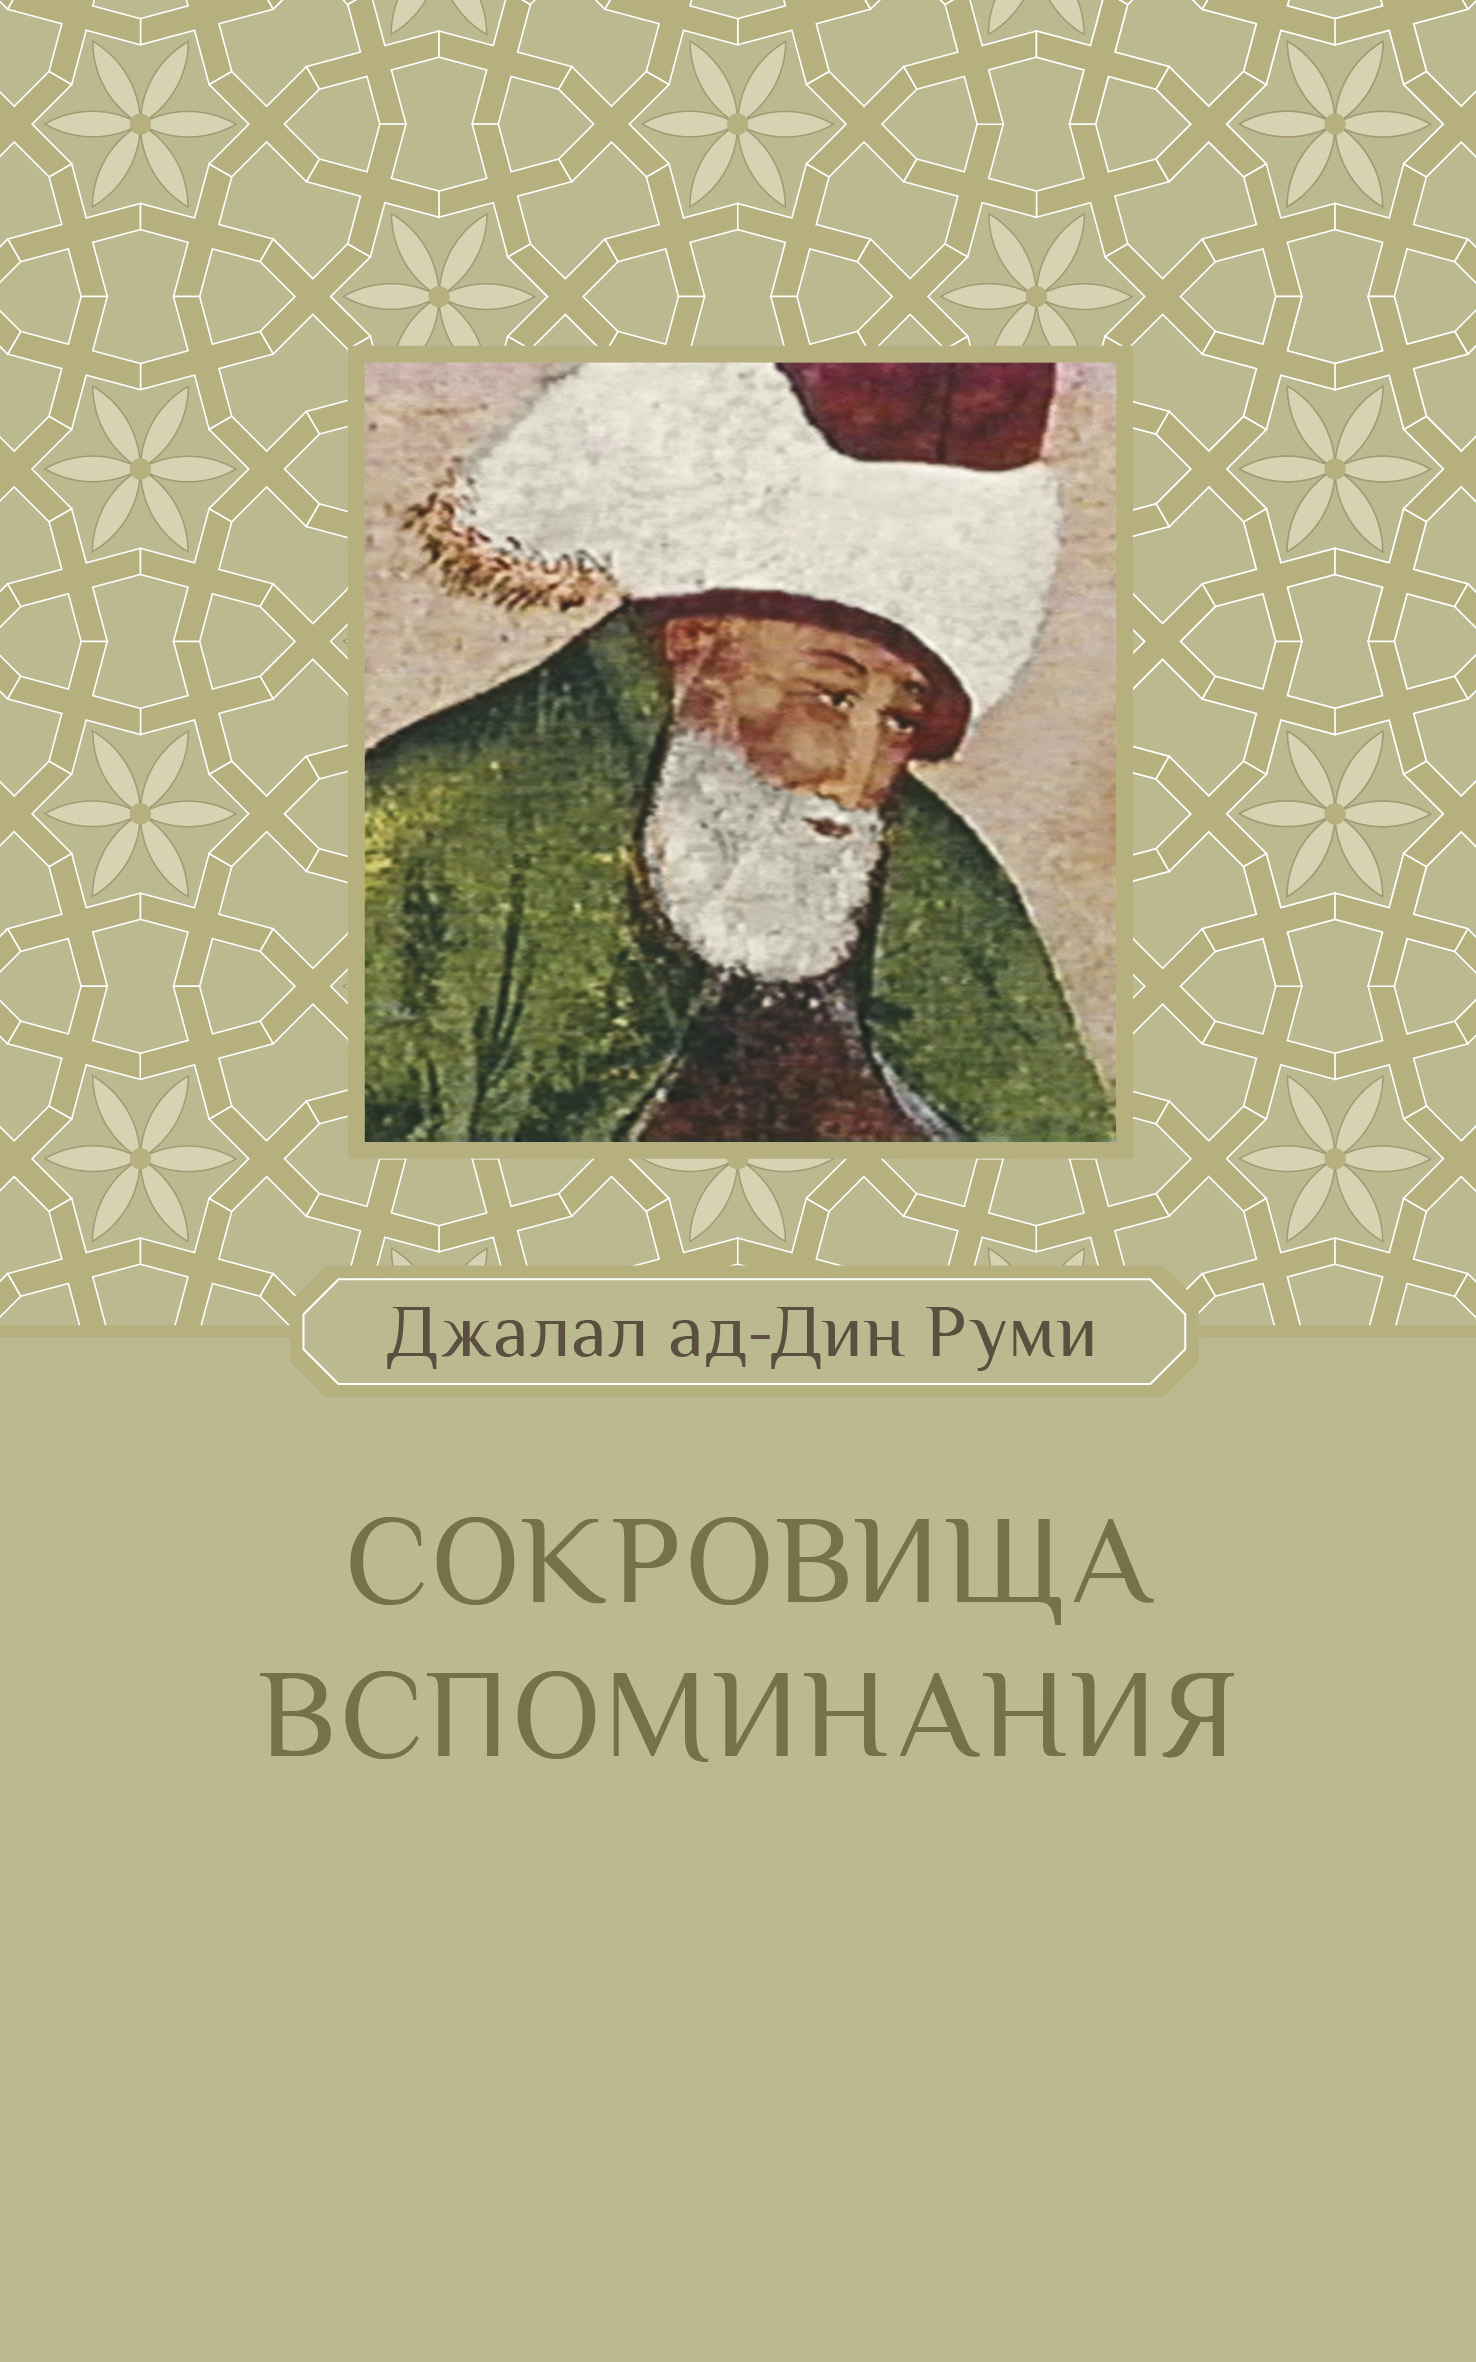 Джалаладдин Руми Сокровища вспоминания цена 2017